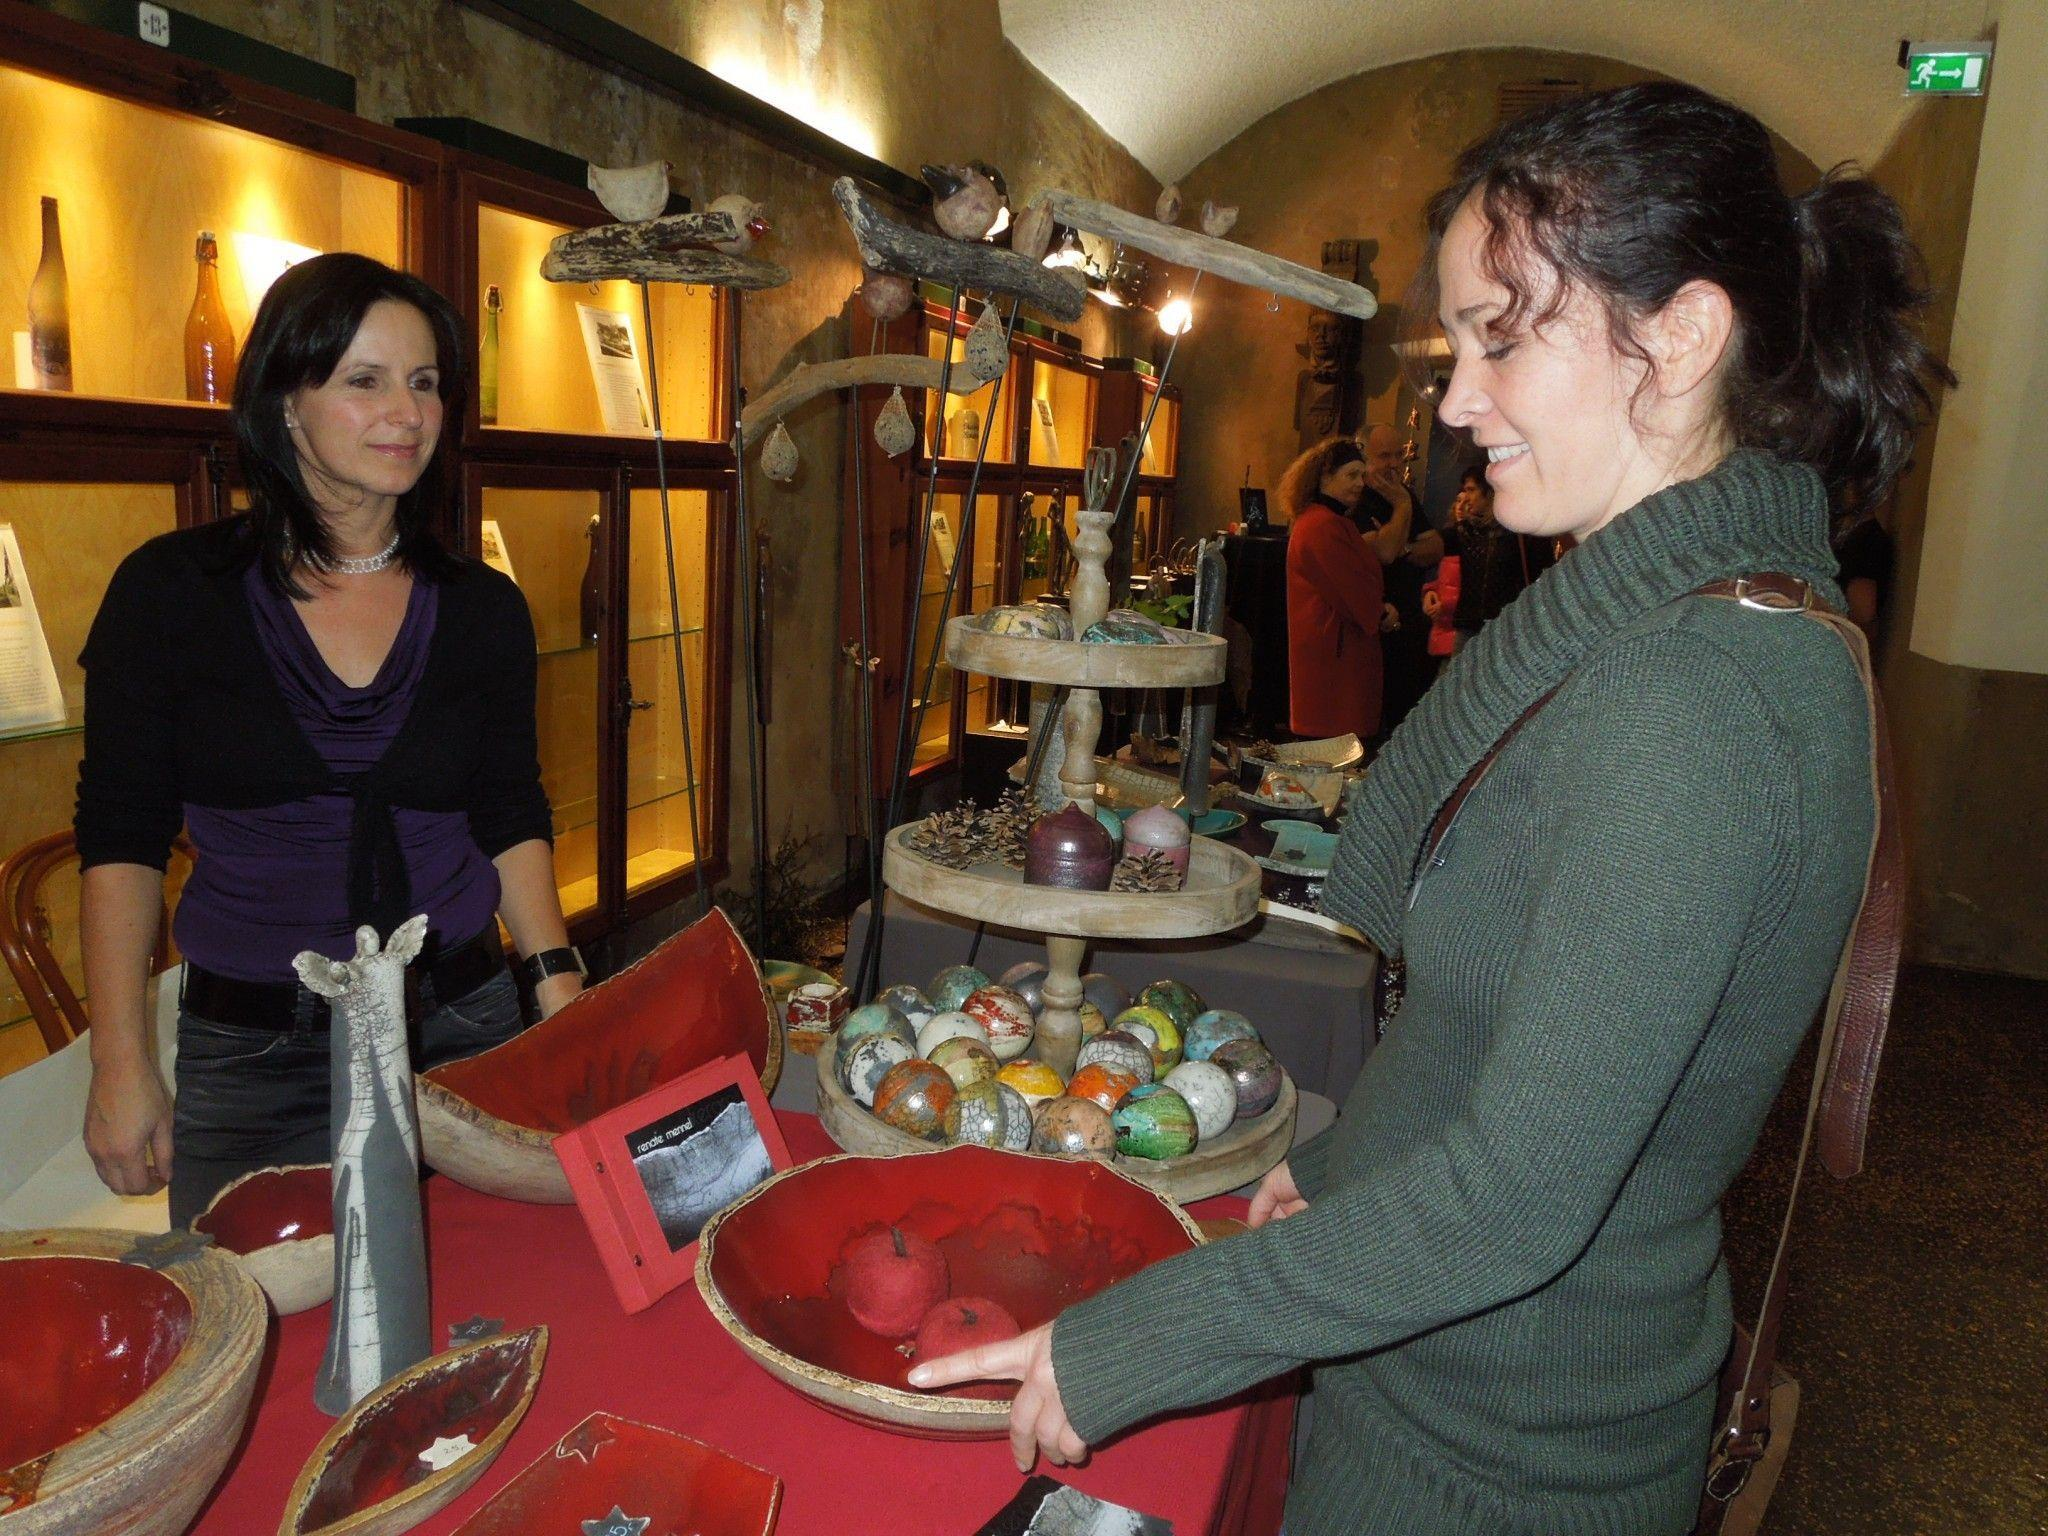 Die Kunstausstellung im Mohrenkeller war auch heuer wieder gut besucht und sorgte für vorweihnachtliche Stimmung.